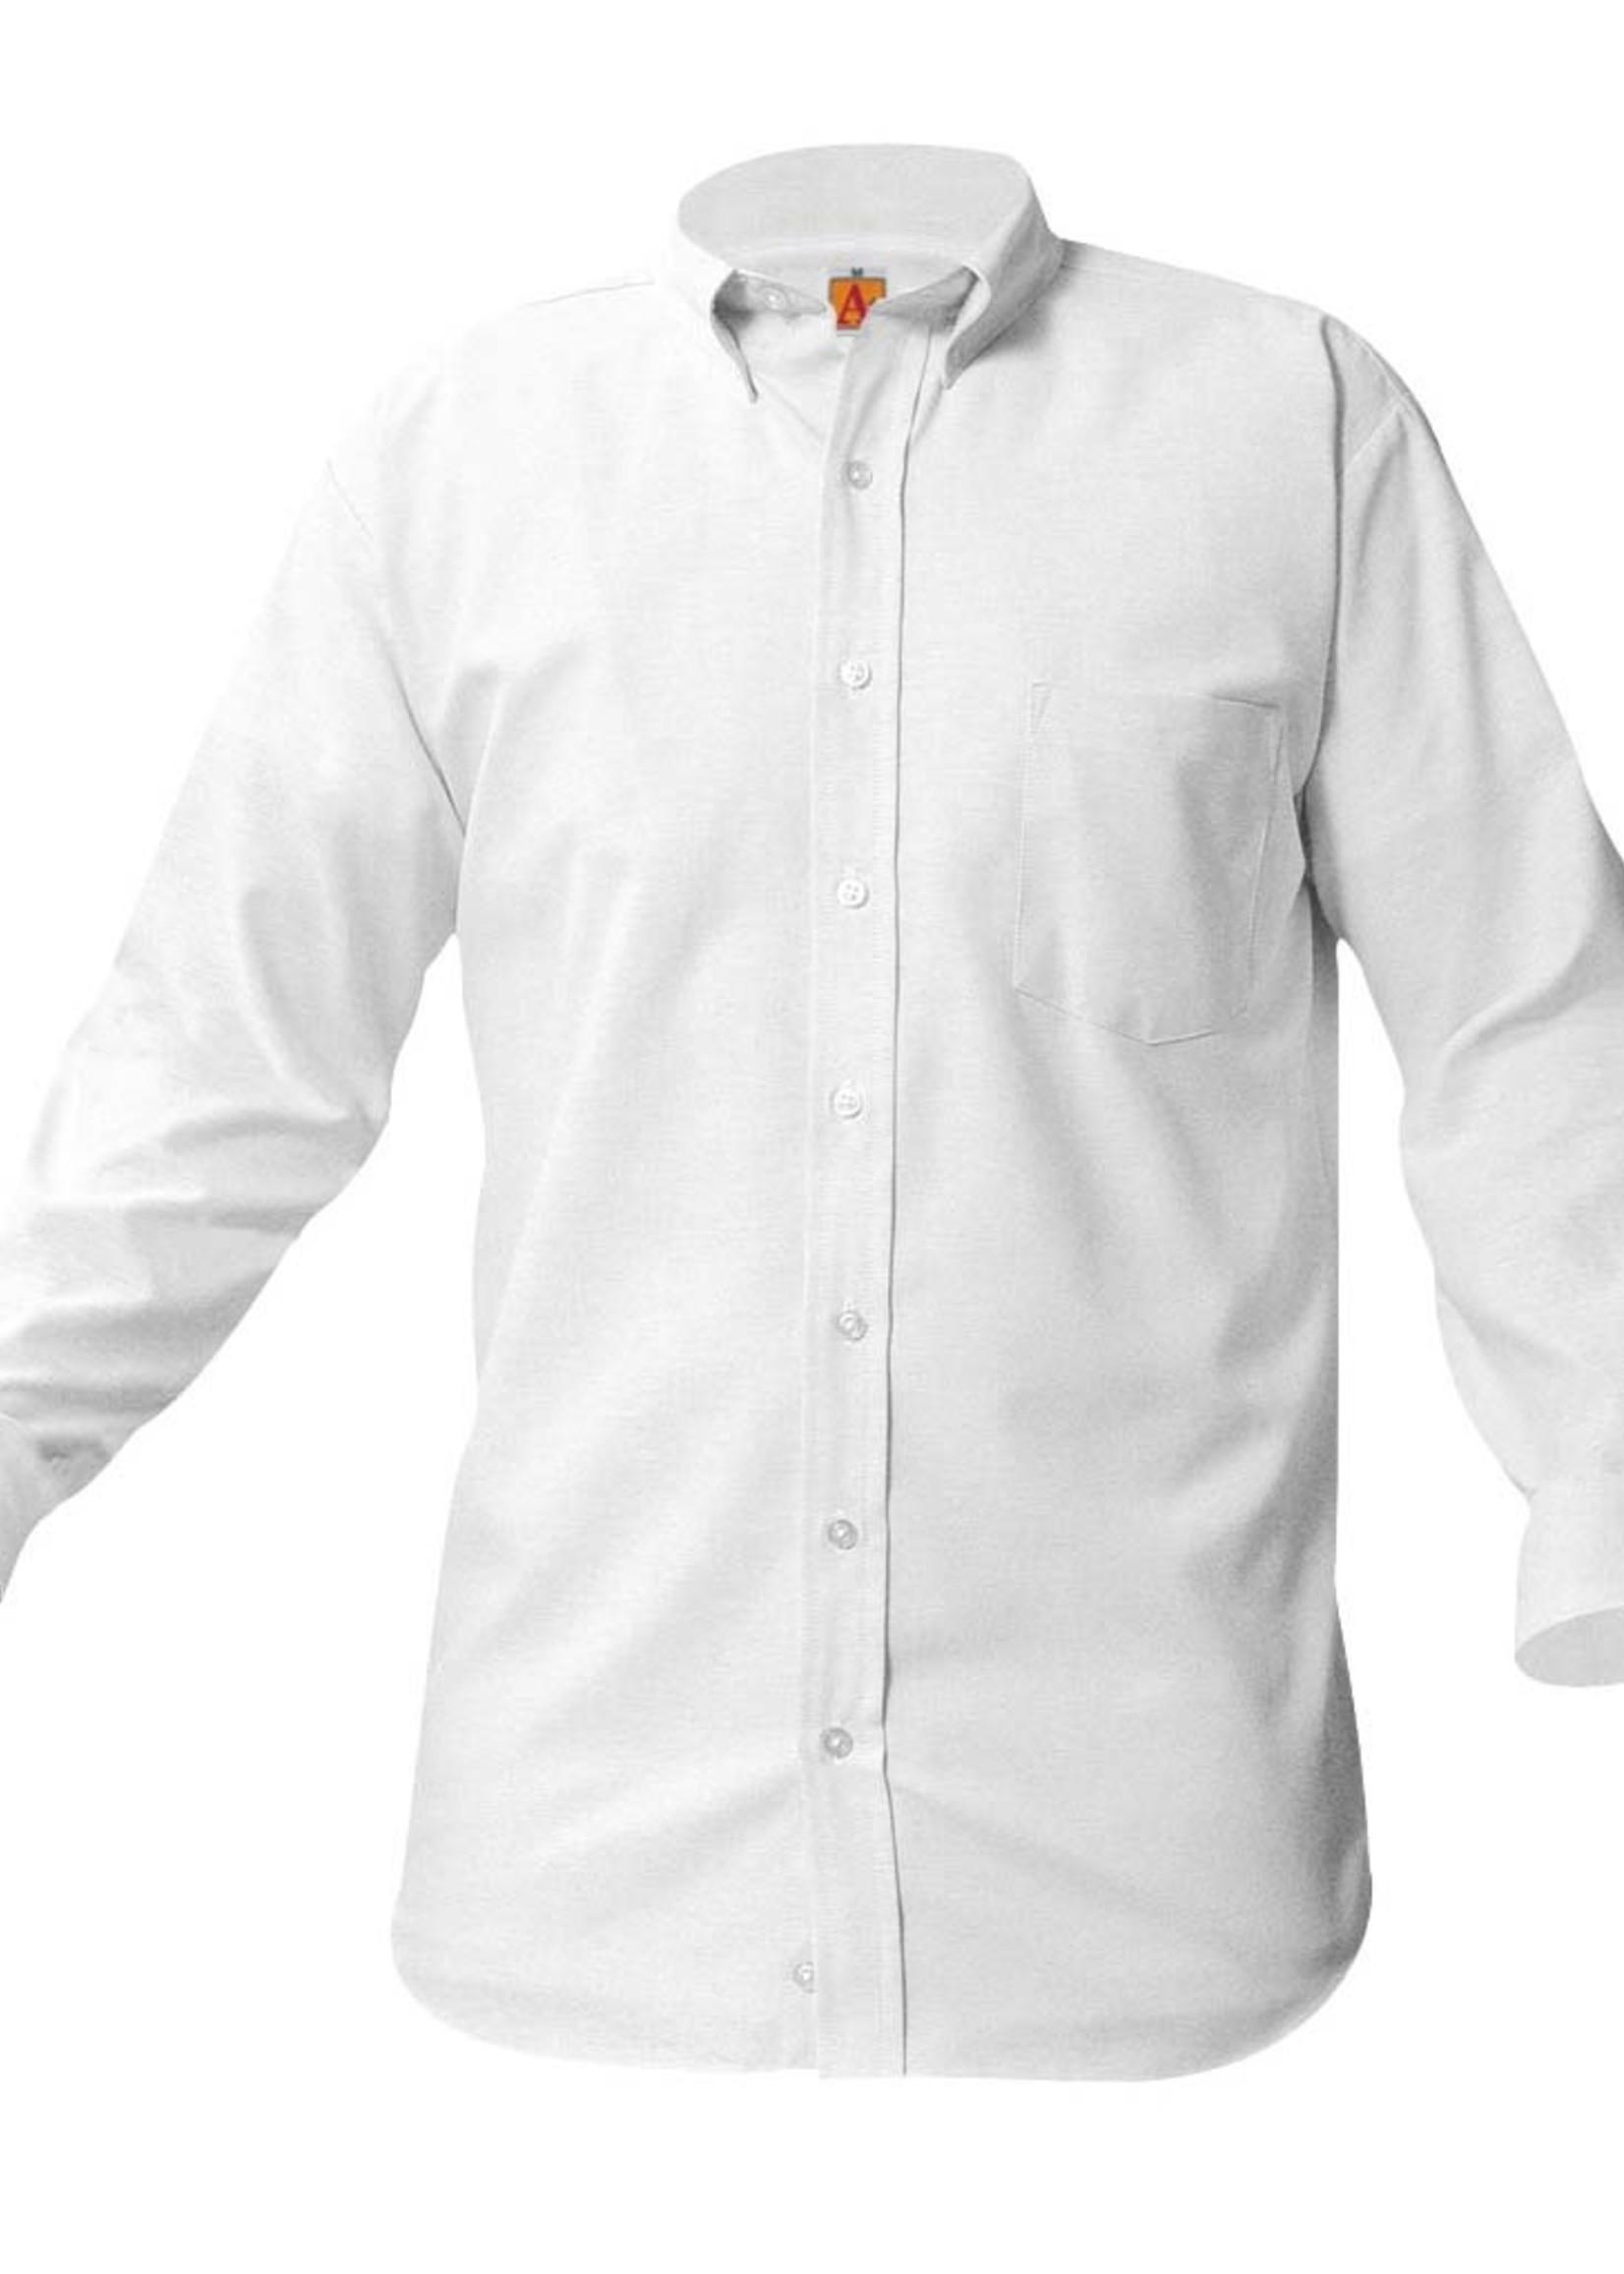 Null JDA White Long Sleeve Oxford Shirt